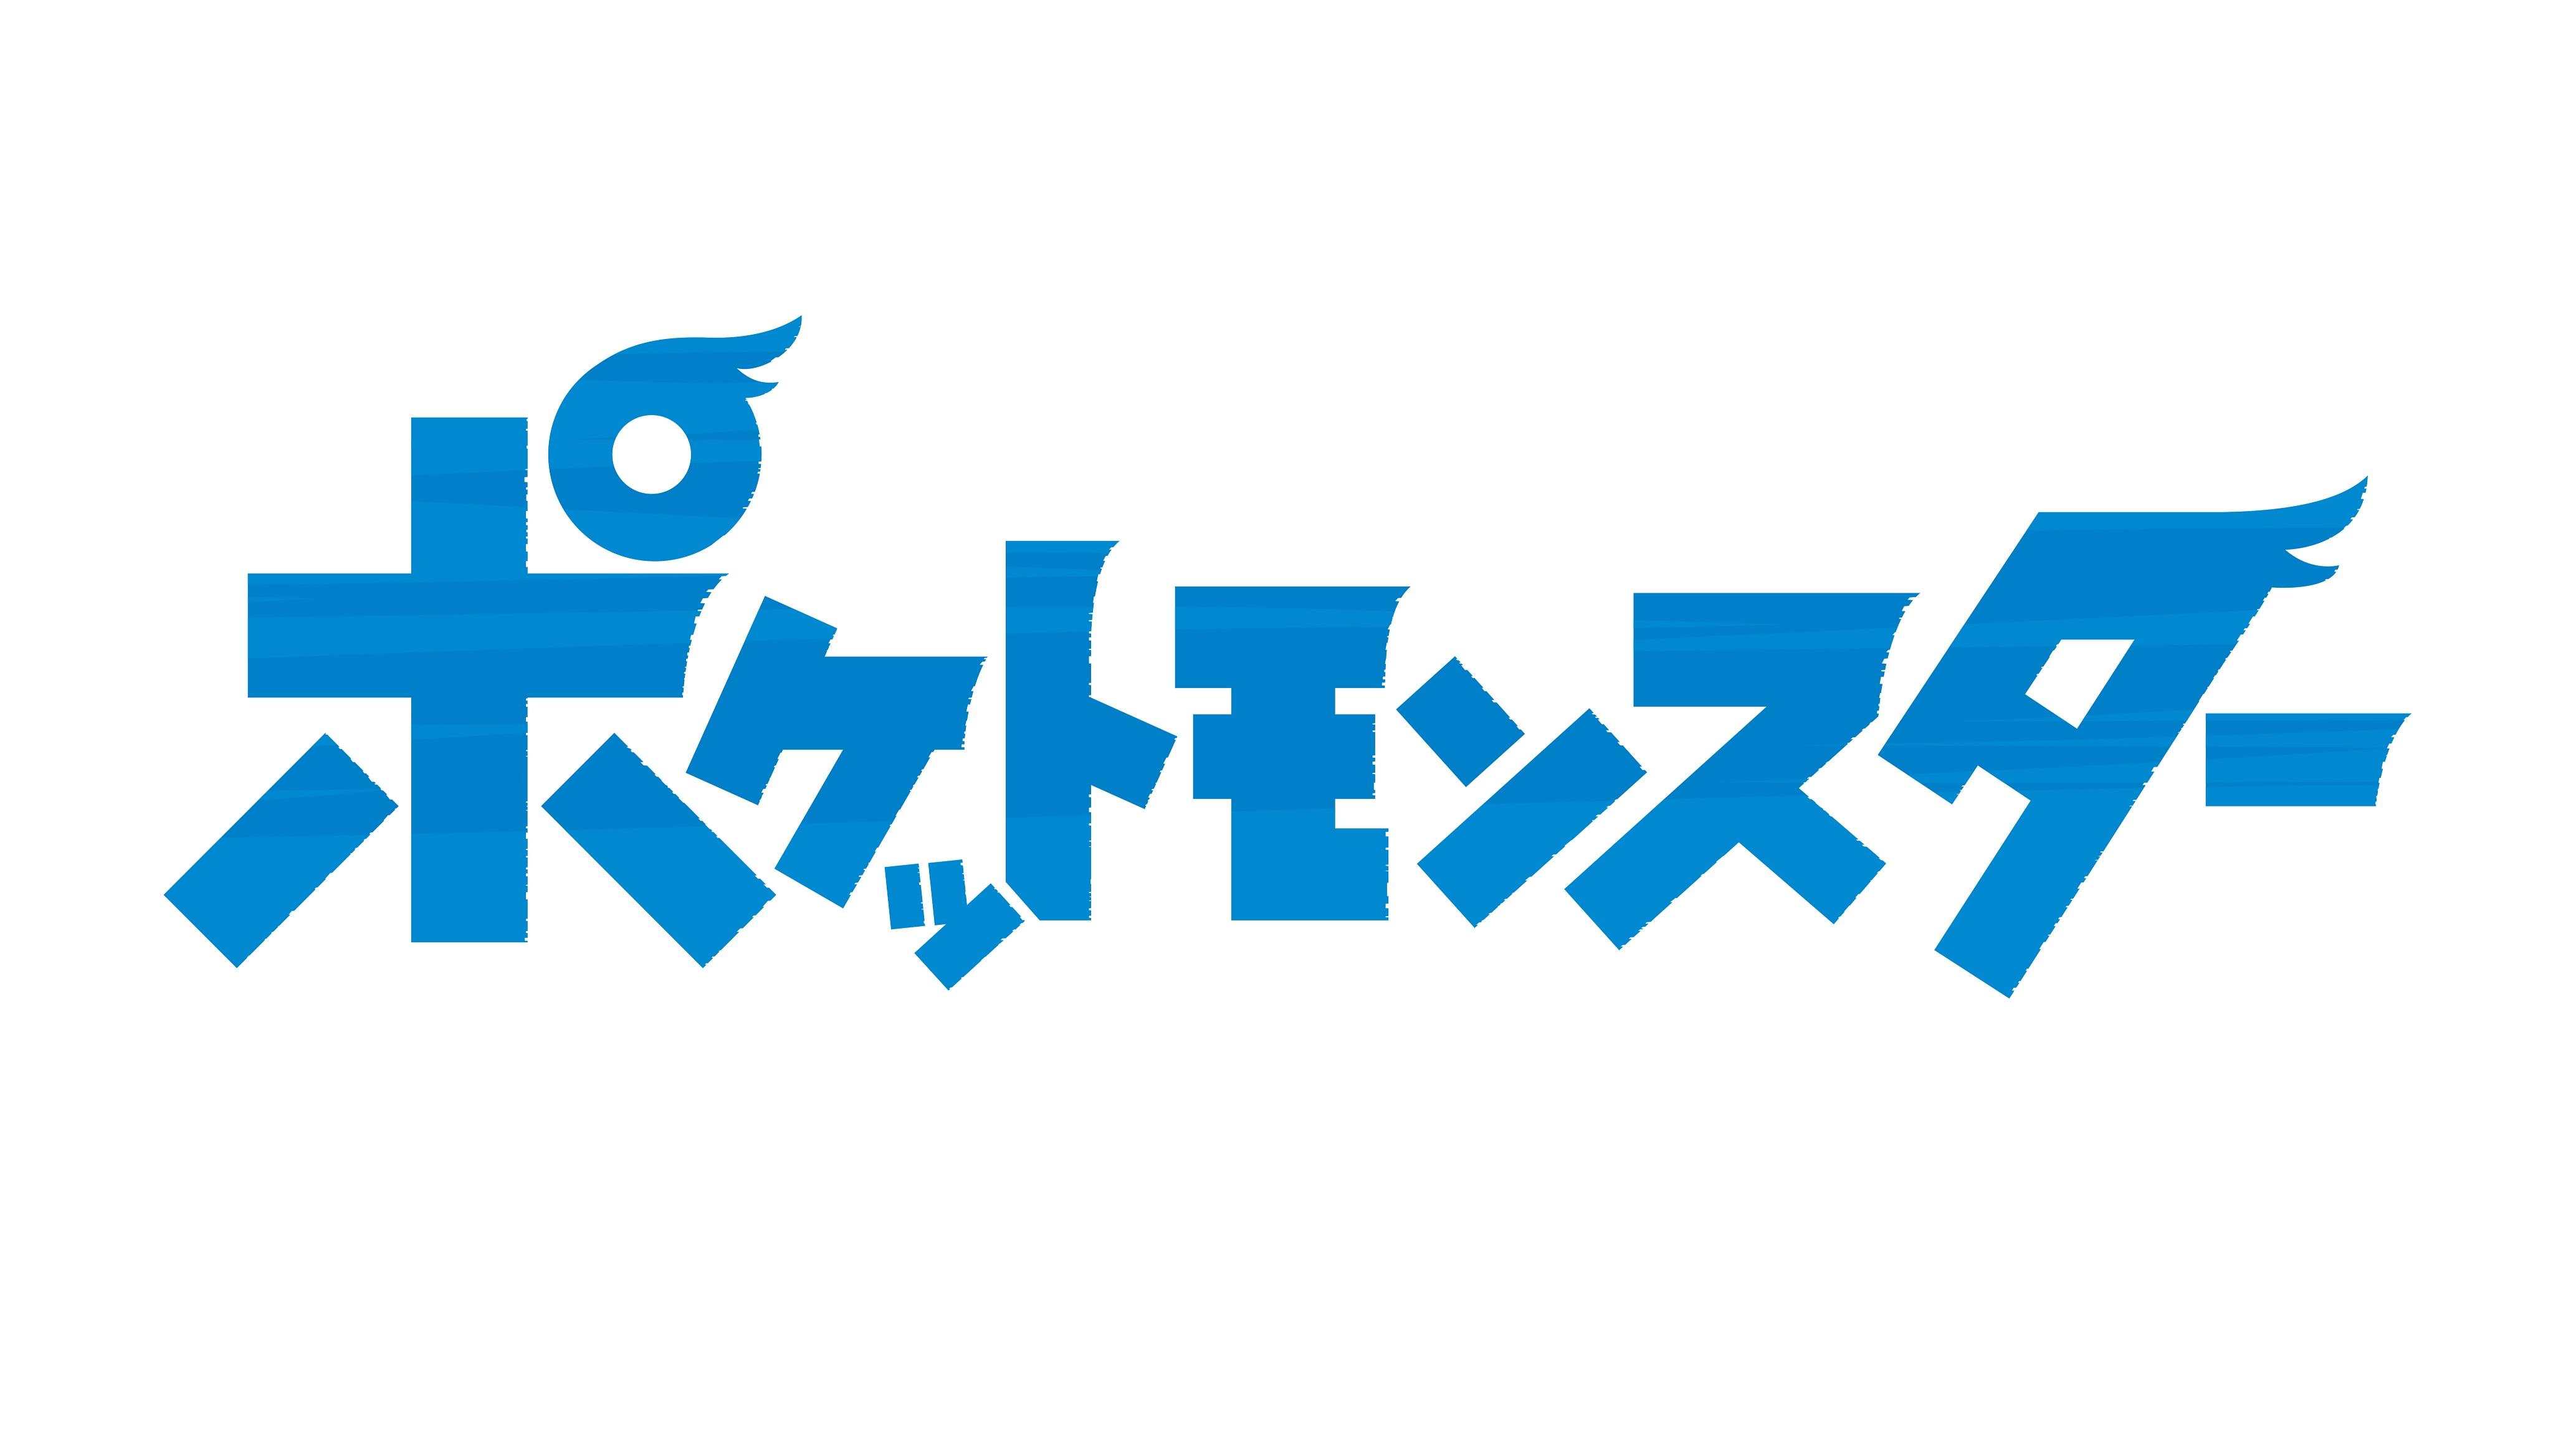 PM19tj_logo_fix